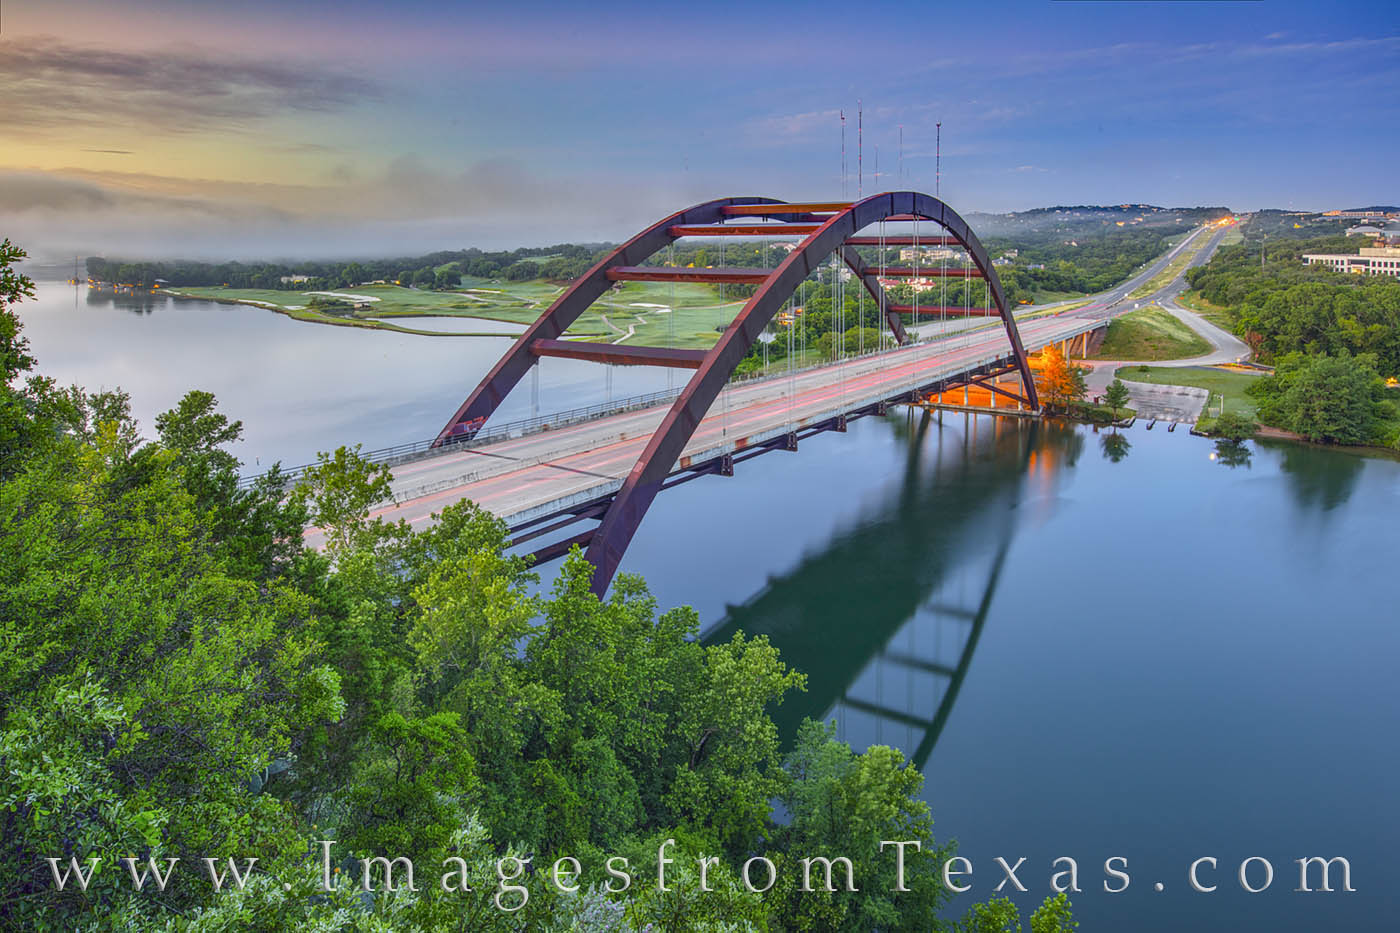 360 Bridge, pennybacker, austin bridges, morning, fog, austin, icons, prints for sale, best austin images, photo